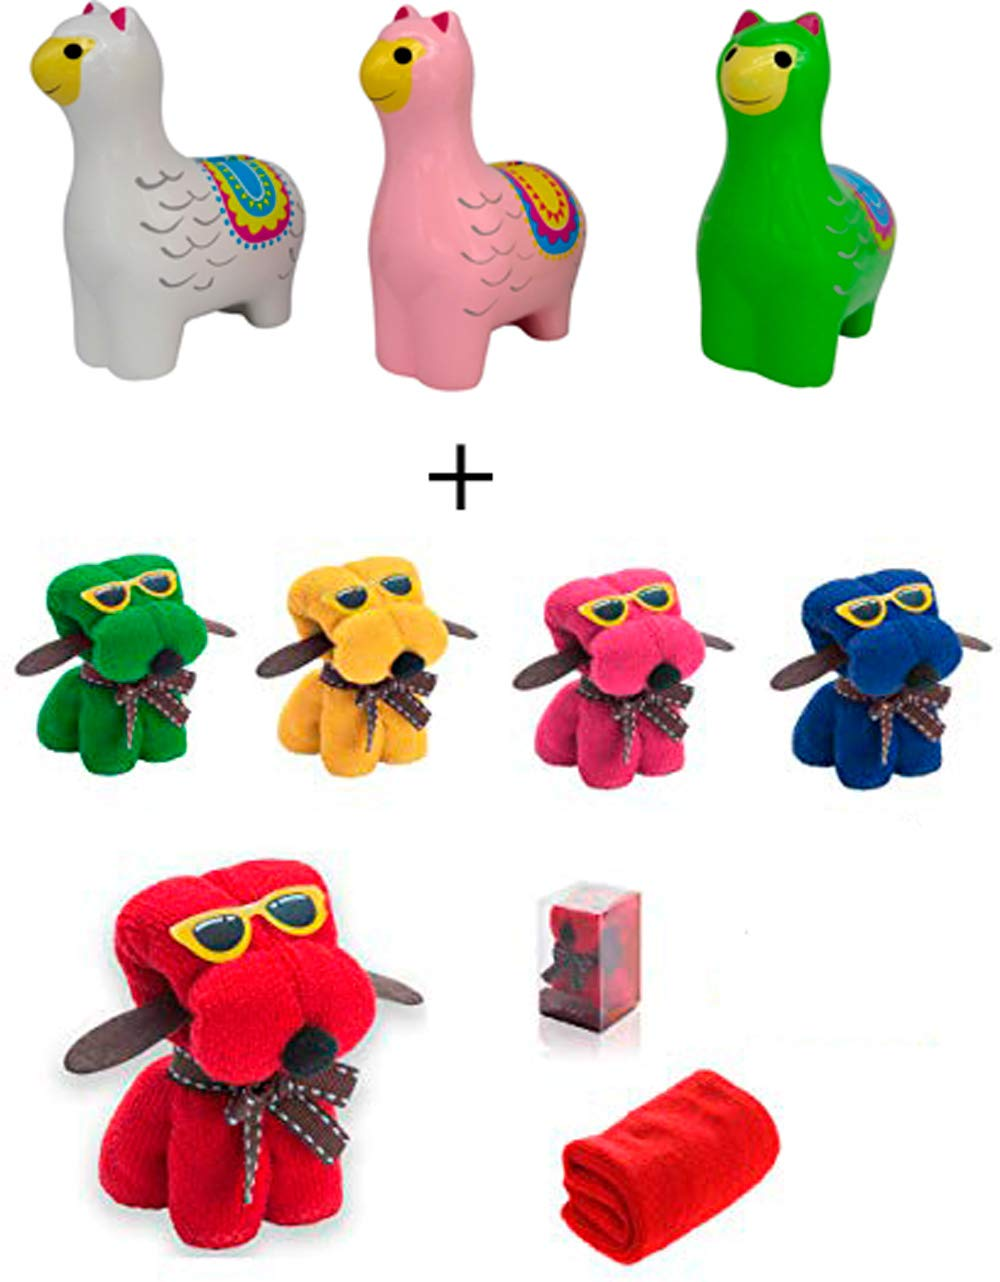 Lote 30 Toallas Perro + 3 Huchas Llamas Cerámica Detalle de Boda en Caja de Regalo - Toallas Perritos con formas Baratas, Detalles Cumpleaños, regalos ...